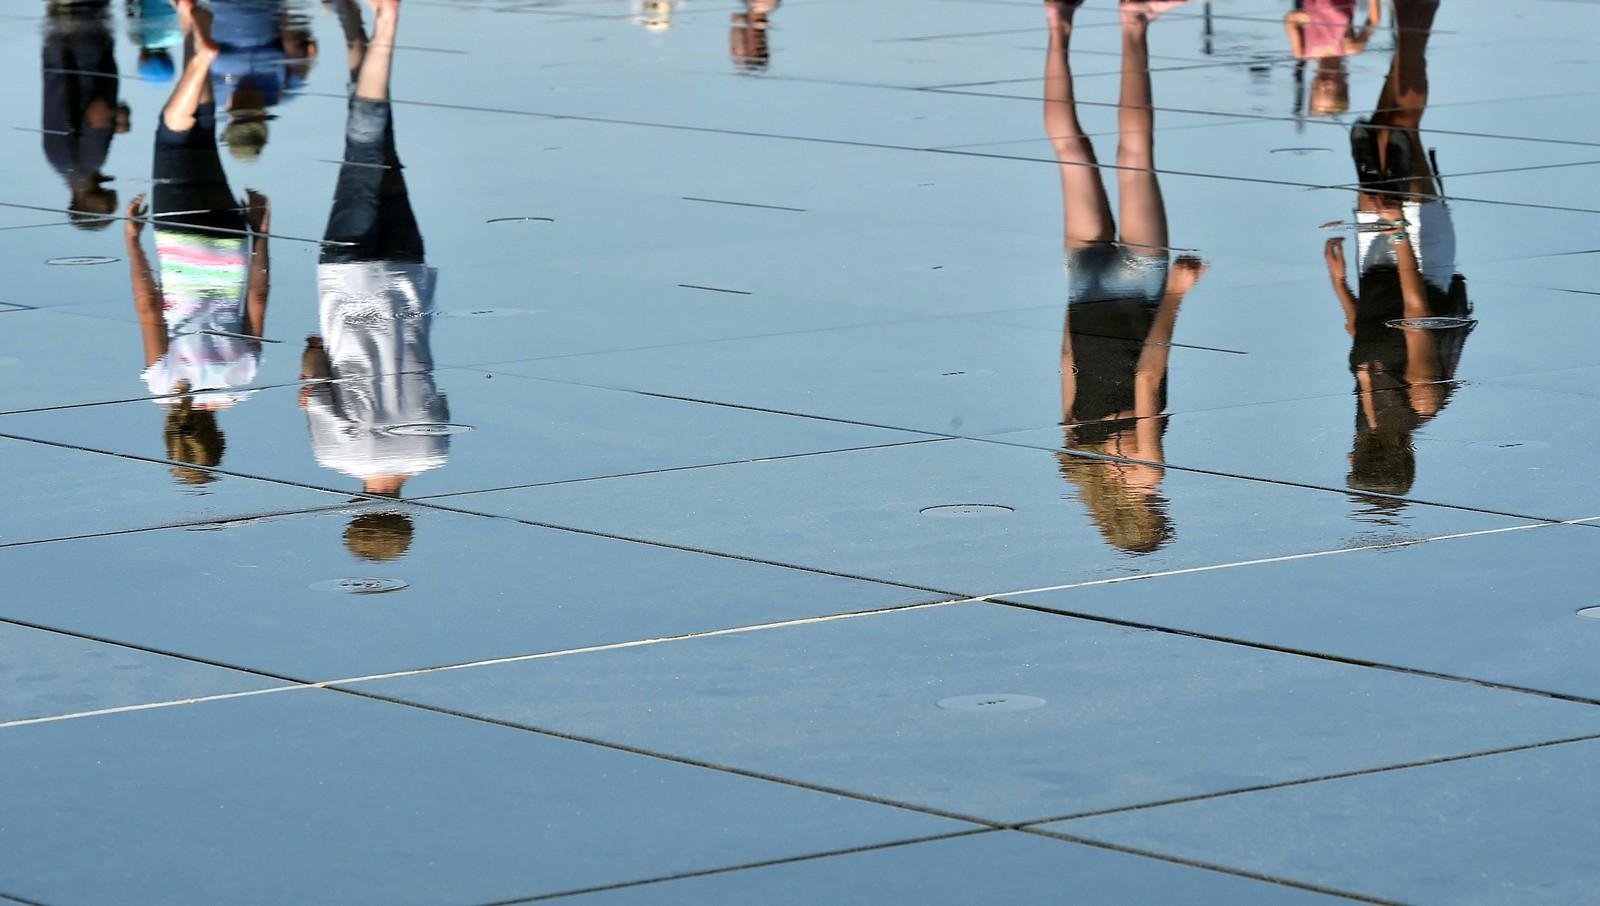 Den 19. juli ble det rundt 40 varmegrader i Bourdeaux i Frankrike. Folk brukte det kjente vannspeilet i byen til å kjøle seg ned.